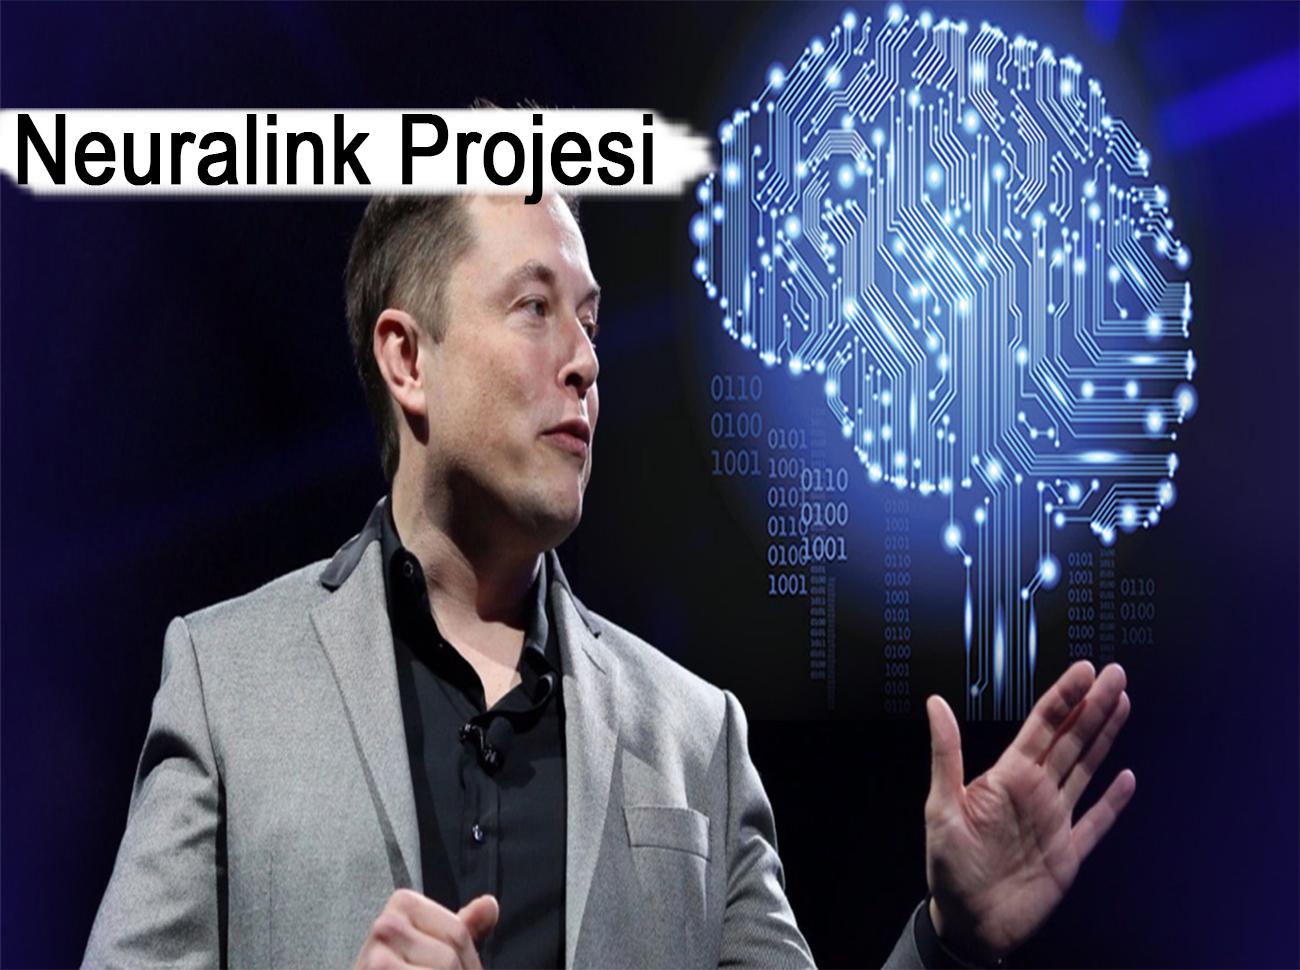 Neuralink Projesi Nedir? İşte Elon Musk'ın Çılgın Projesi